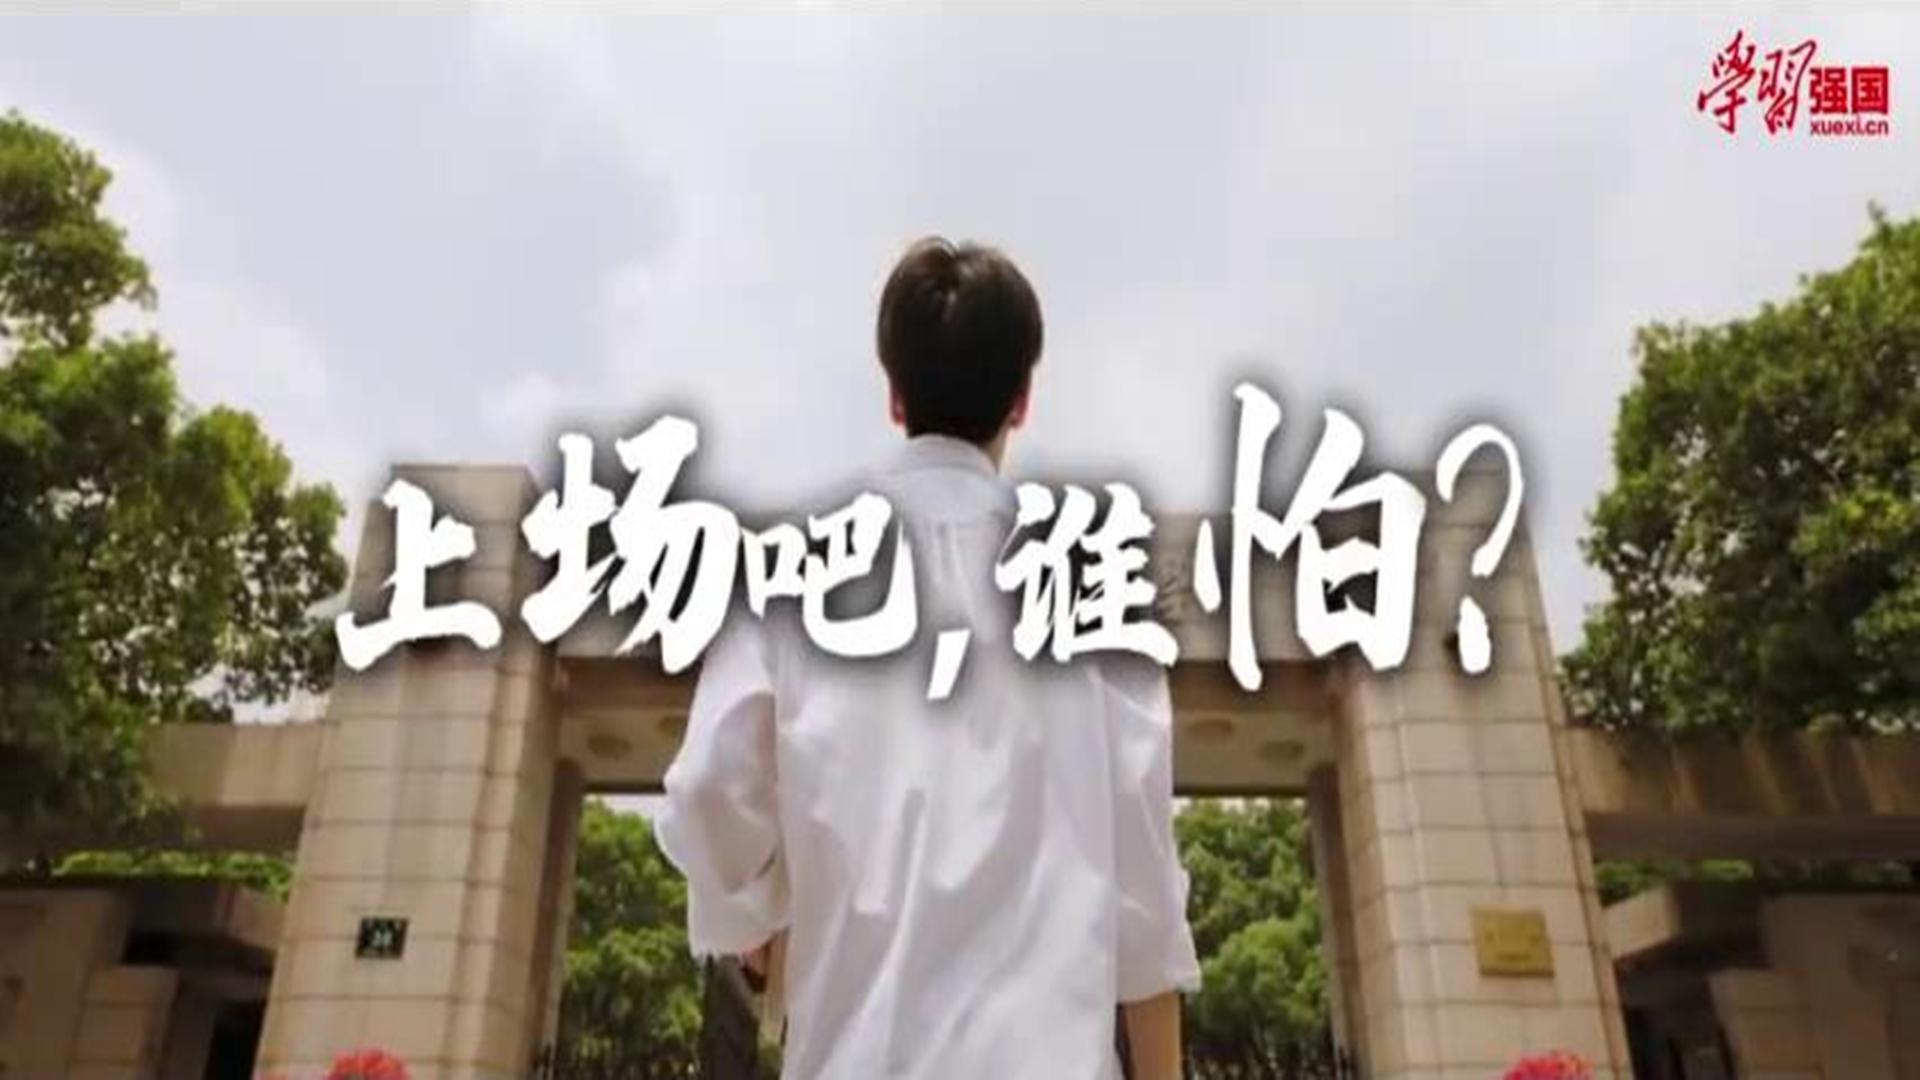 高考加油:少年凌云志 追梦赤子心[封面图].jpg